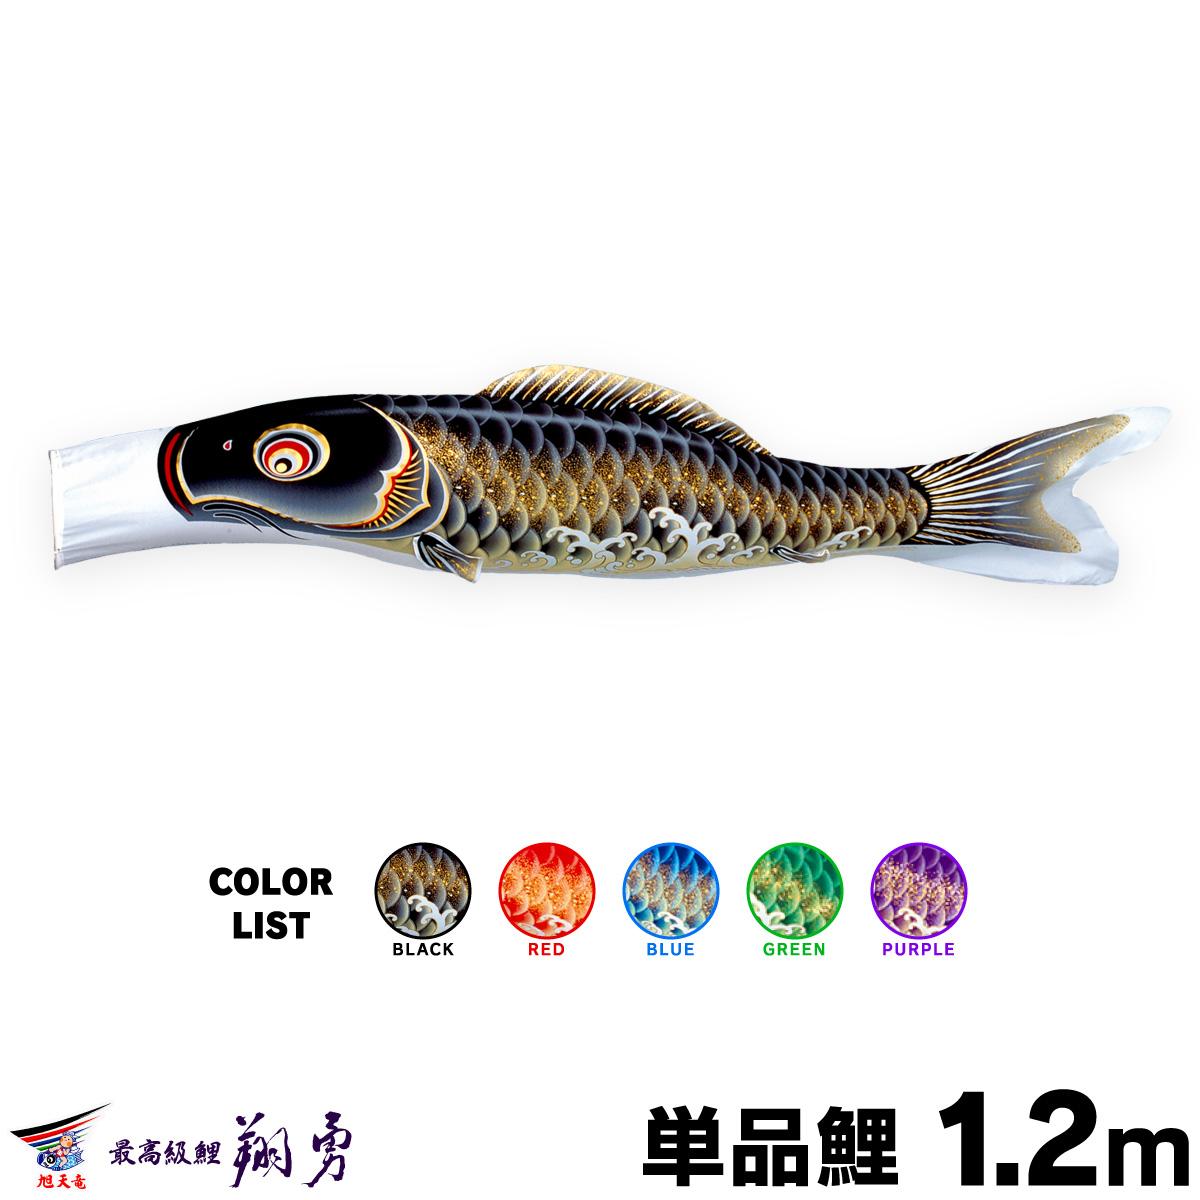 【こいのぼり 単品】 翔勇鯉 1.2m 単品鯉